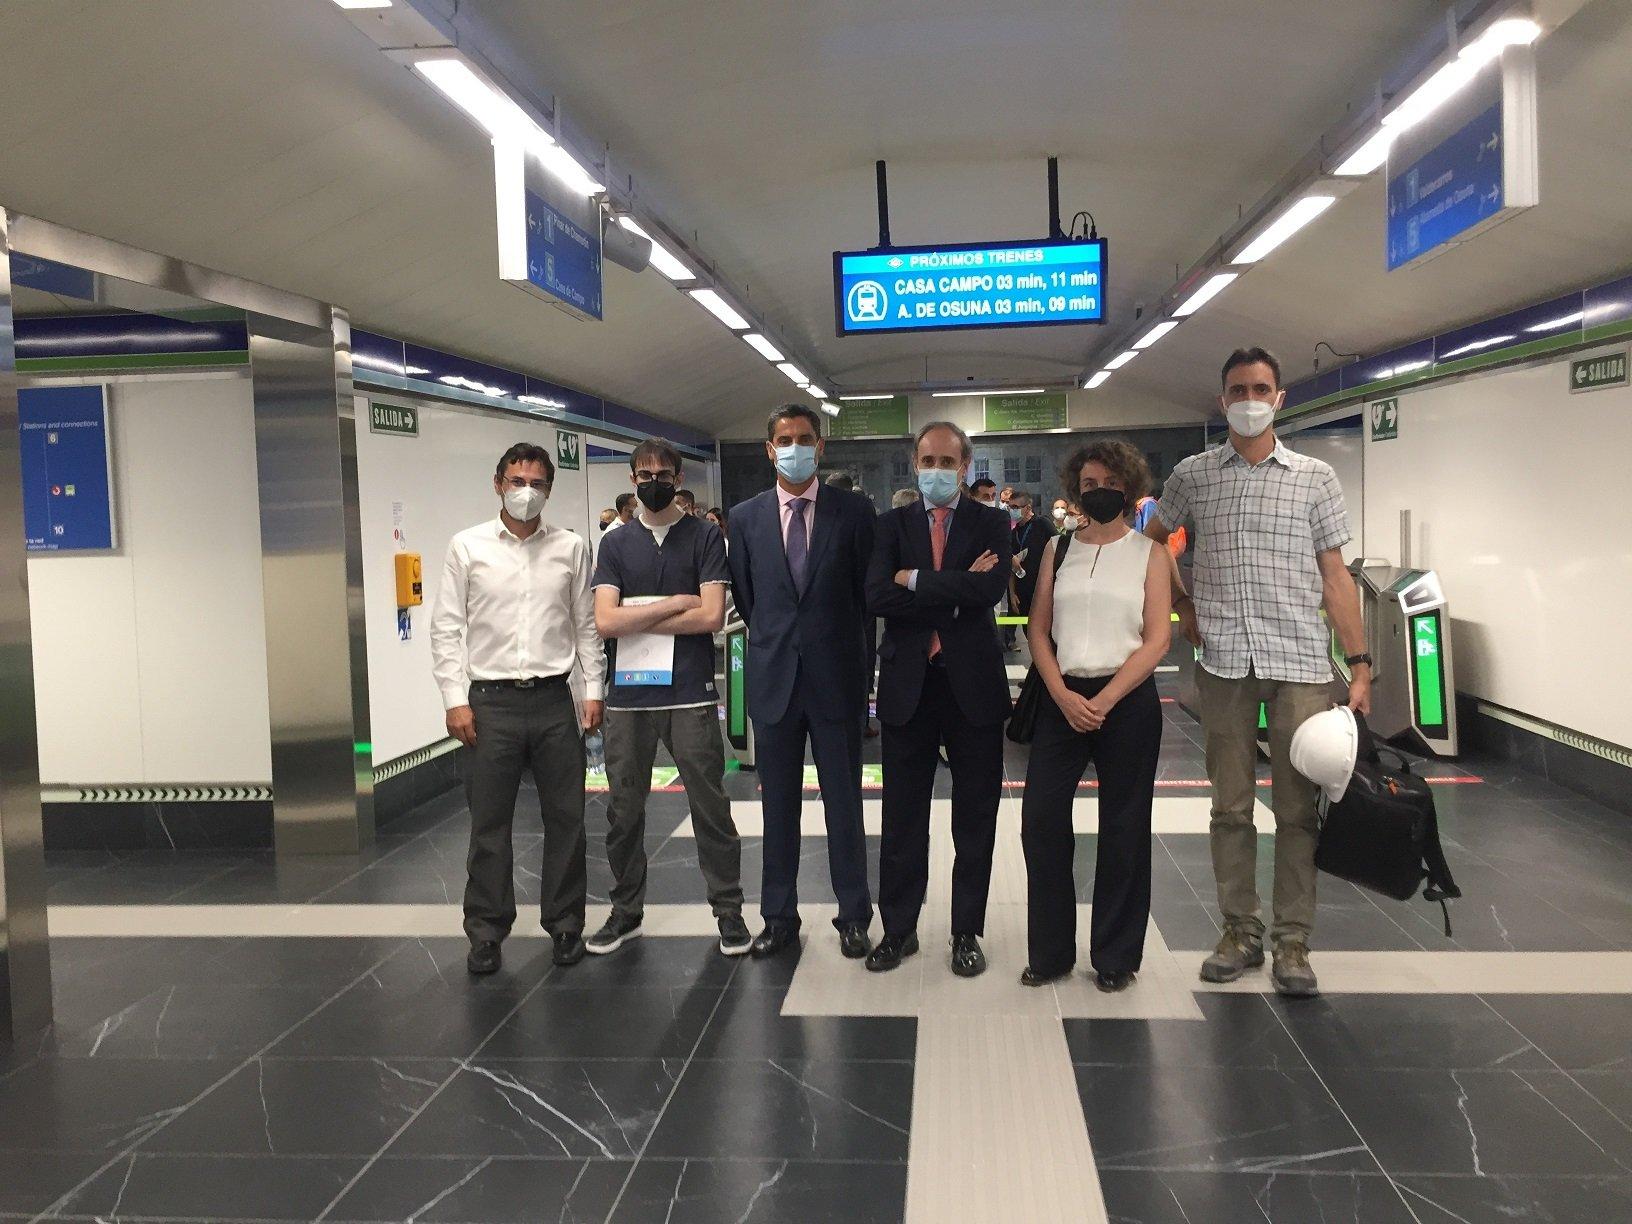 Equipo BAC Madrid. Staff directivo y equipo de control de la obra de la estación del metro